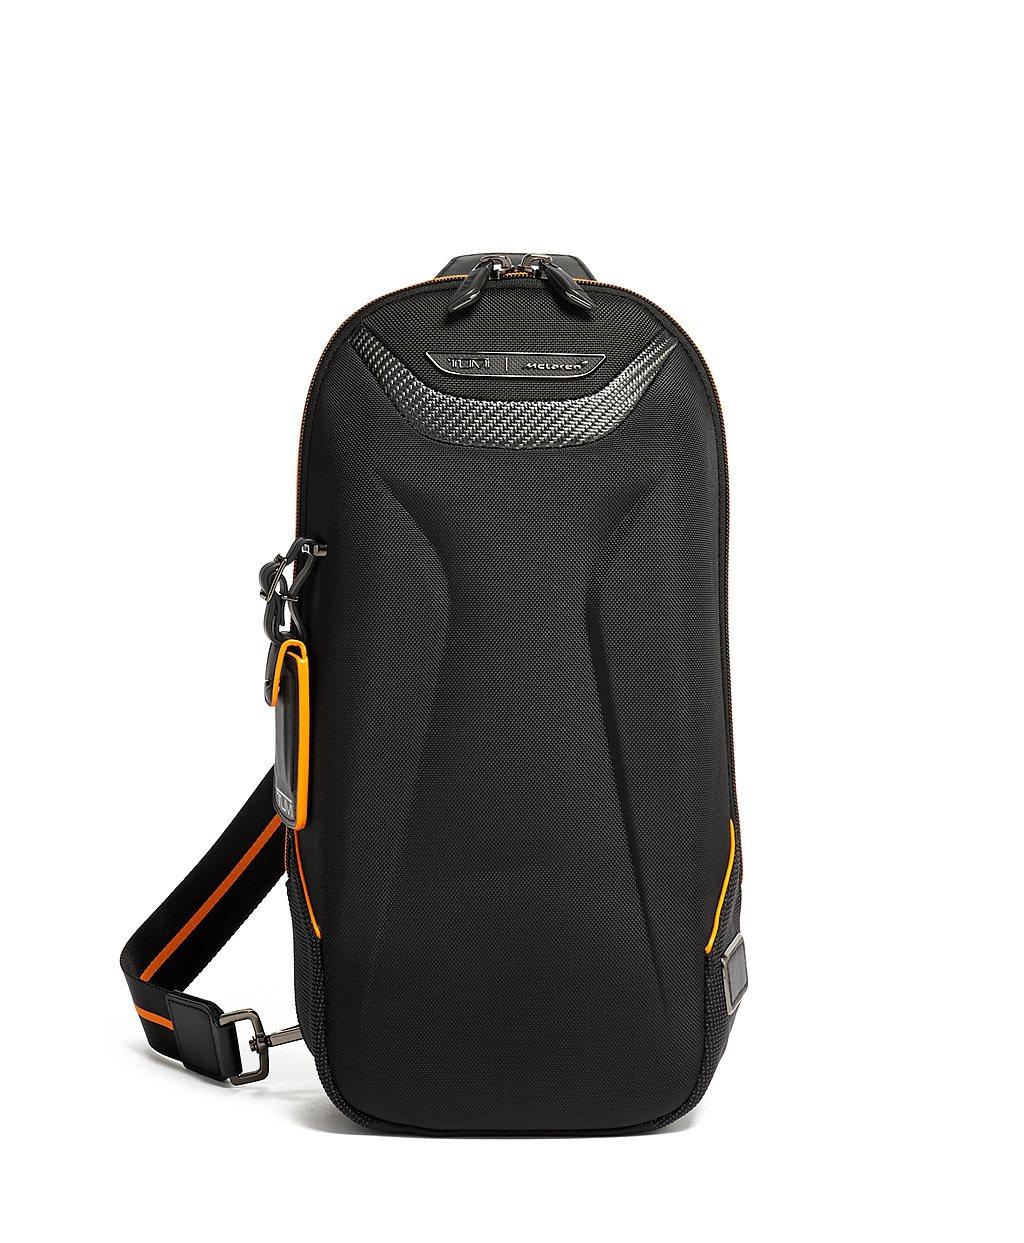 TORQUE單肩包-黑色NT21,800。 圖/TUMI提供